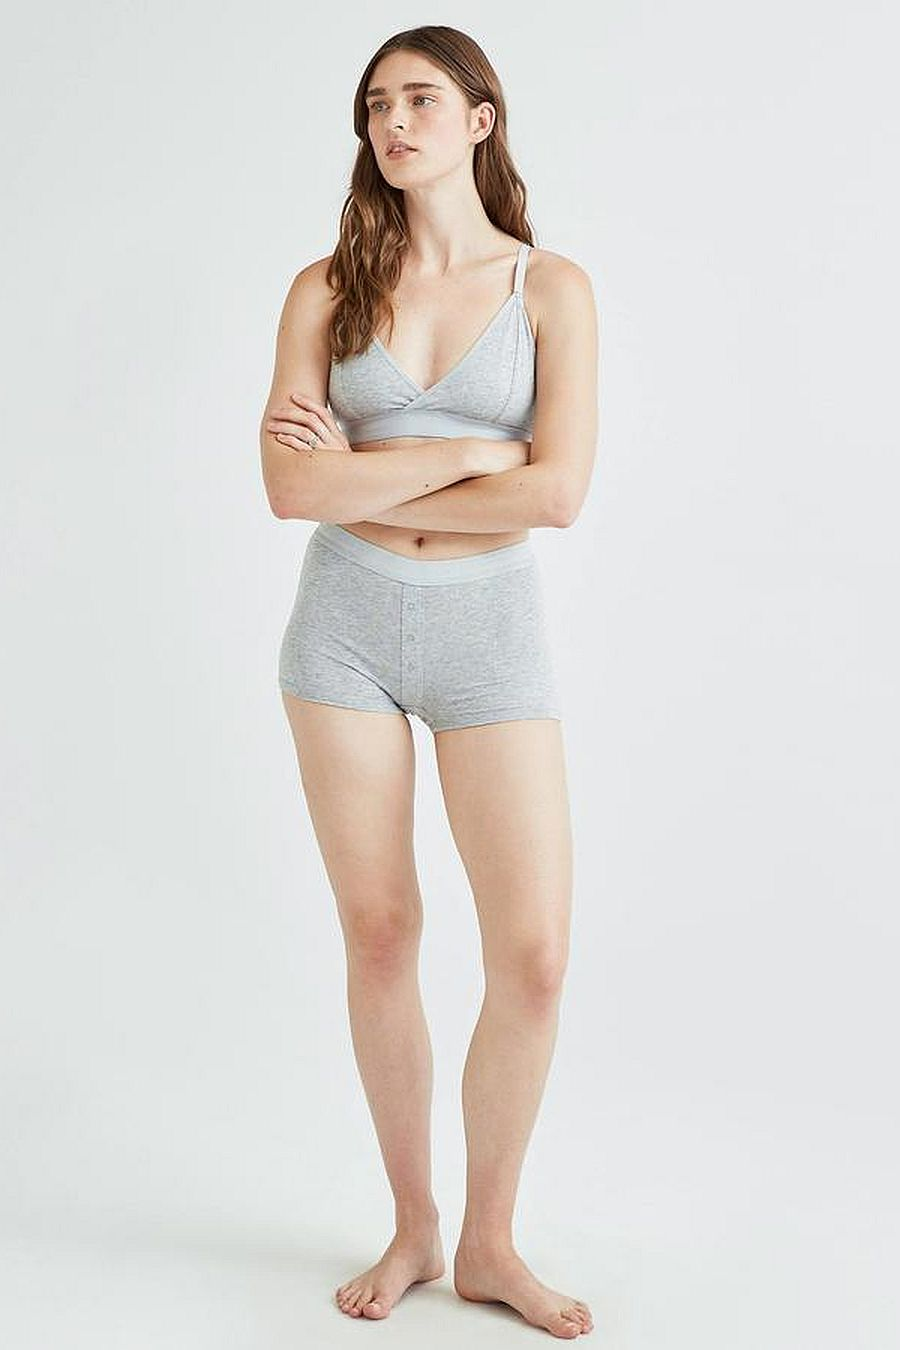 Richer Poorer Femme Boxer - Heather Grey